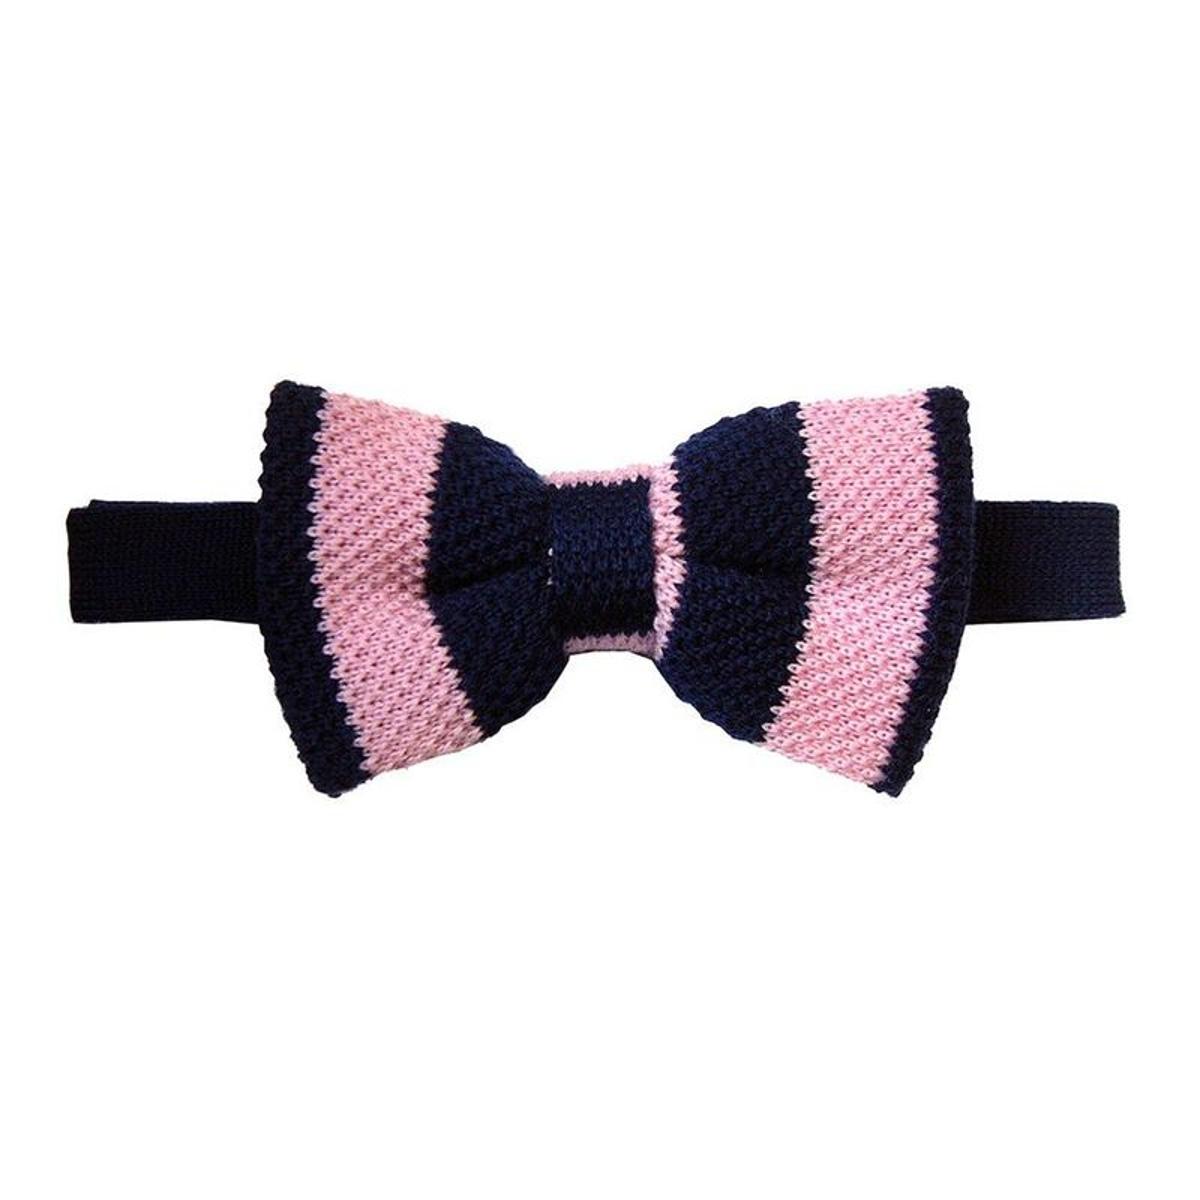 Noeud papillon tricot laine gentleman club